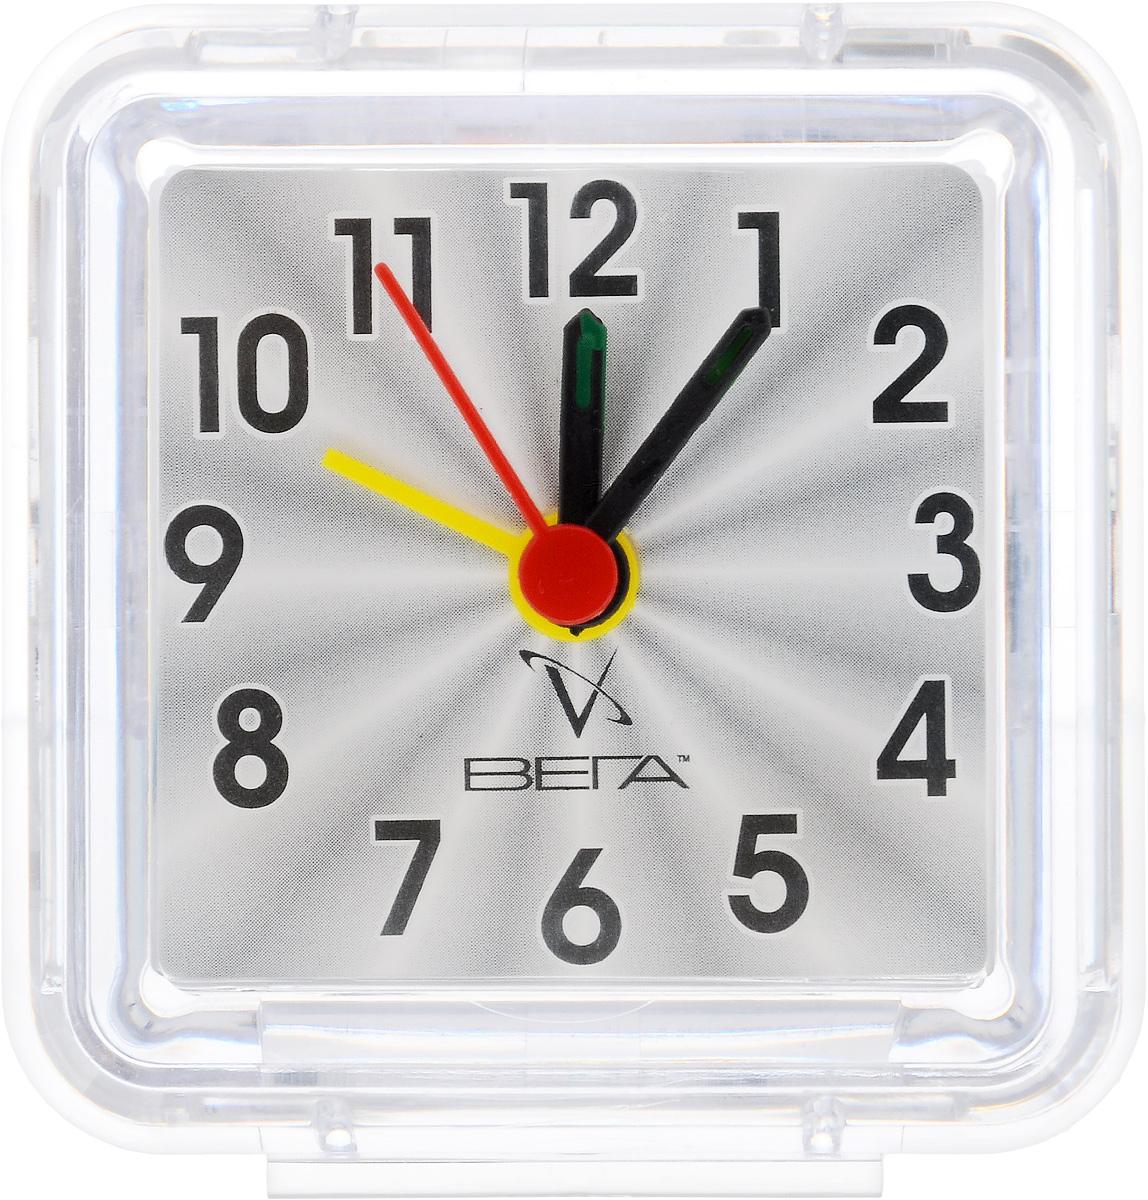 Часы-будильник Вега Классика79 02504Настольные кварцевые часы Вега Классика изготовлены из прозрачного пластика. Часы имеют три стрелки - часовую, минутную и стрелку завода.Такие часы красиво и оригинально украсят интерьер дома или рабочий стол в офисе. Также часы могут стать уникальным, полезным подарком для родственников, коллег, знакомых и близких.Часы работают от батарейки типа АА (в комплект не входит). Имеется инструкция по эксплуатации на русском языке.